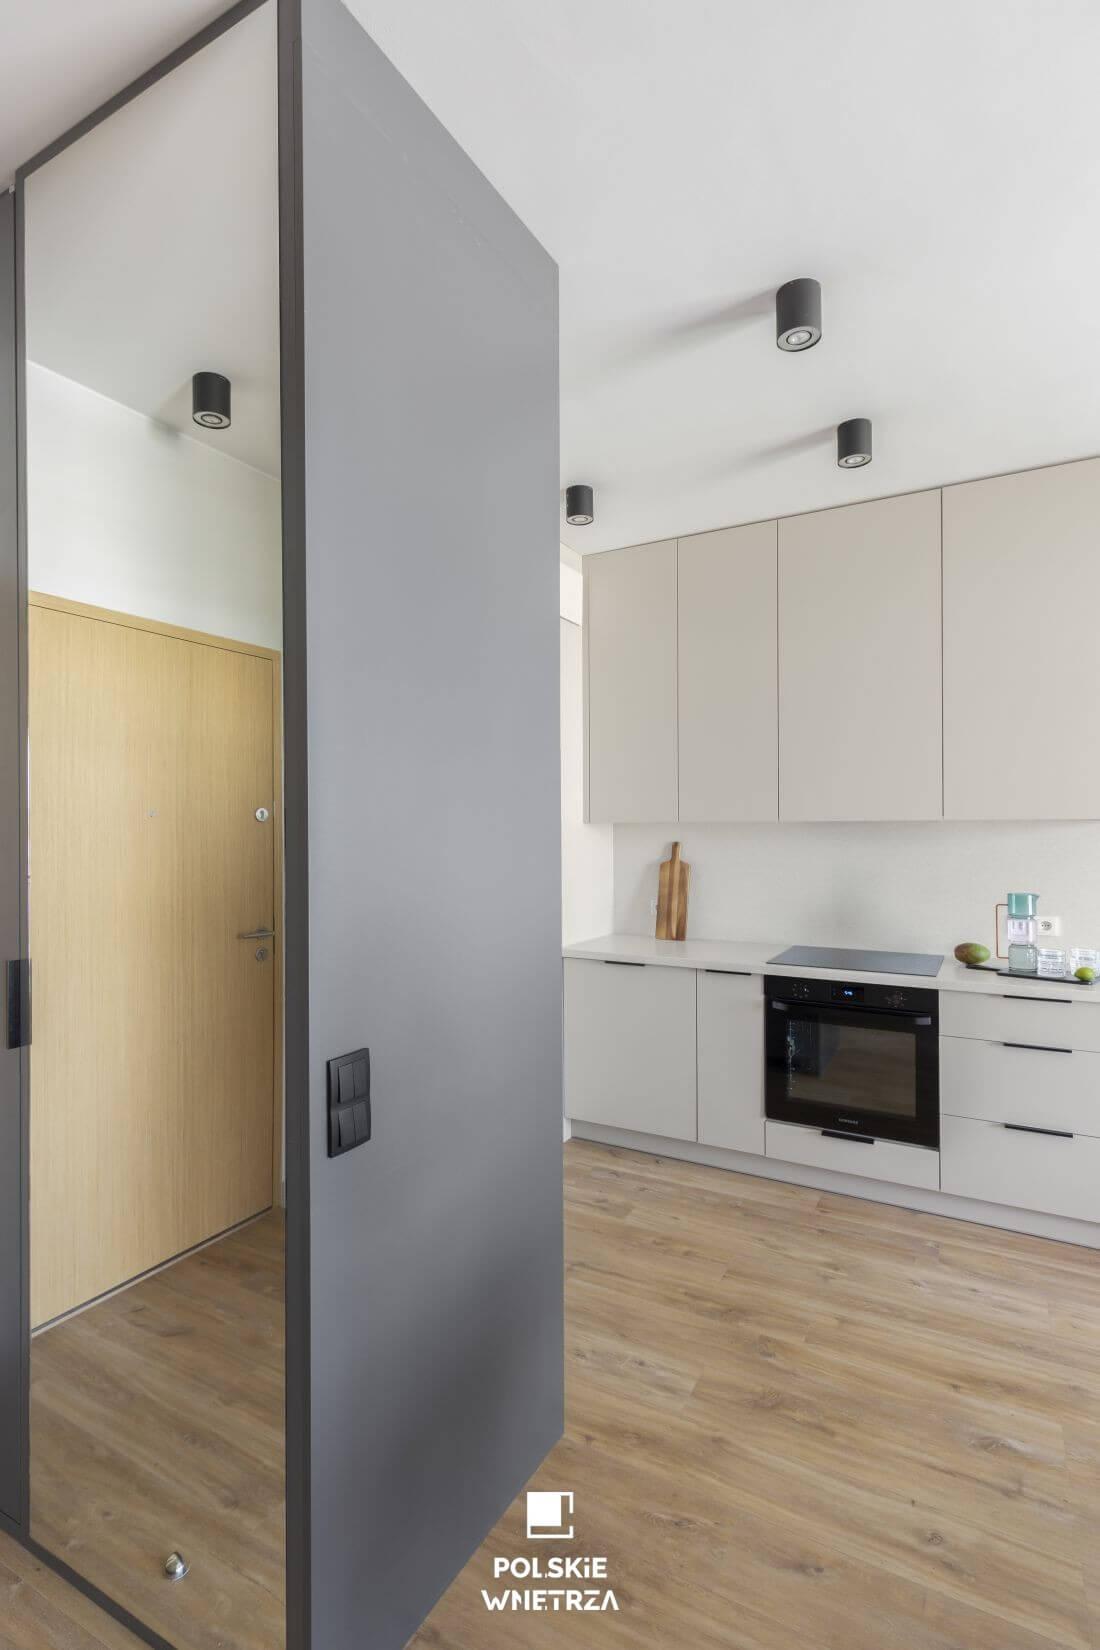 Polskie Wnętrza - Decoroom - Funkcjonalny minimalizm na 35 metrach kwadratowych